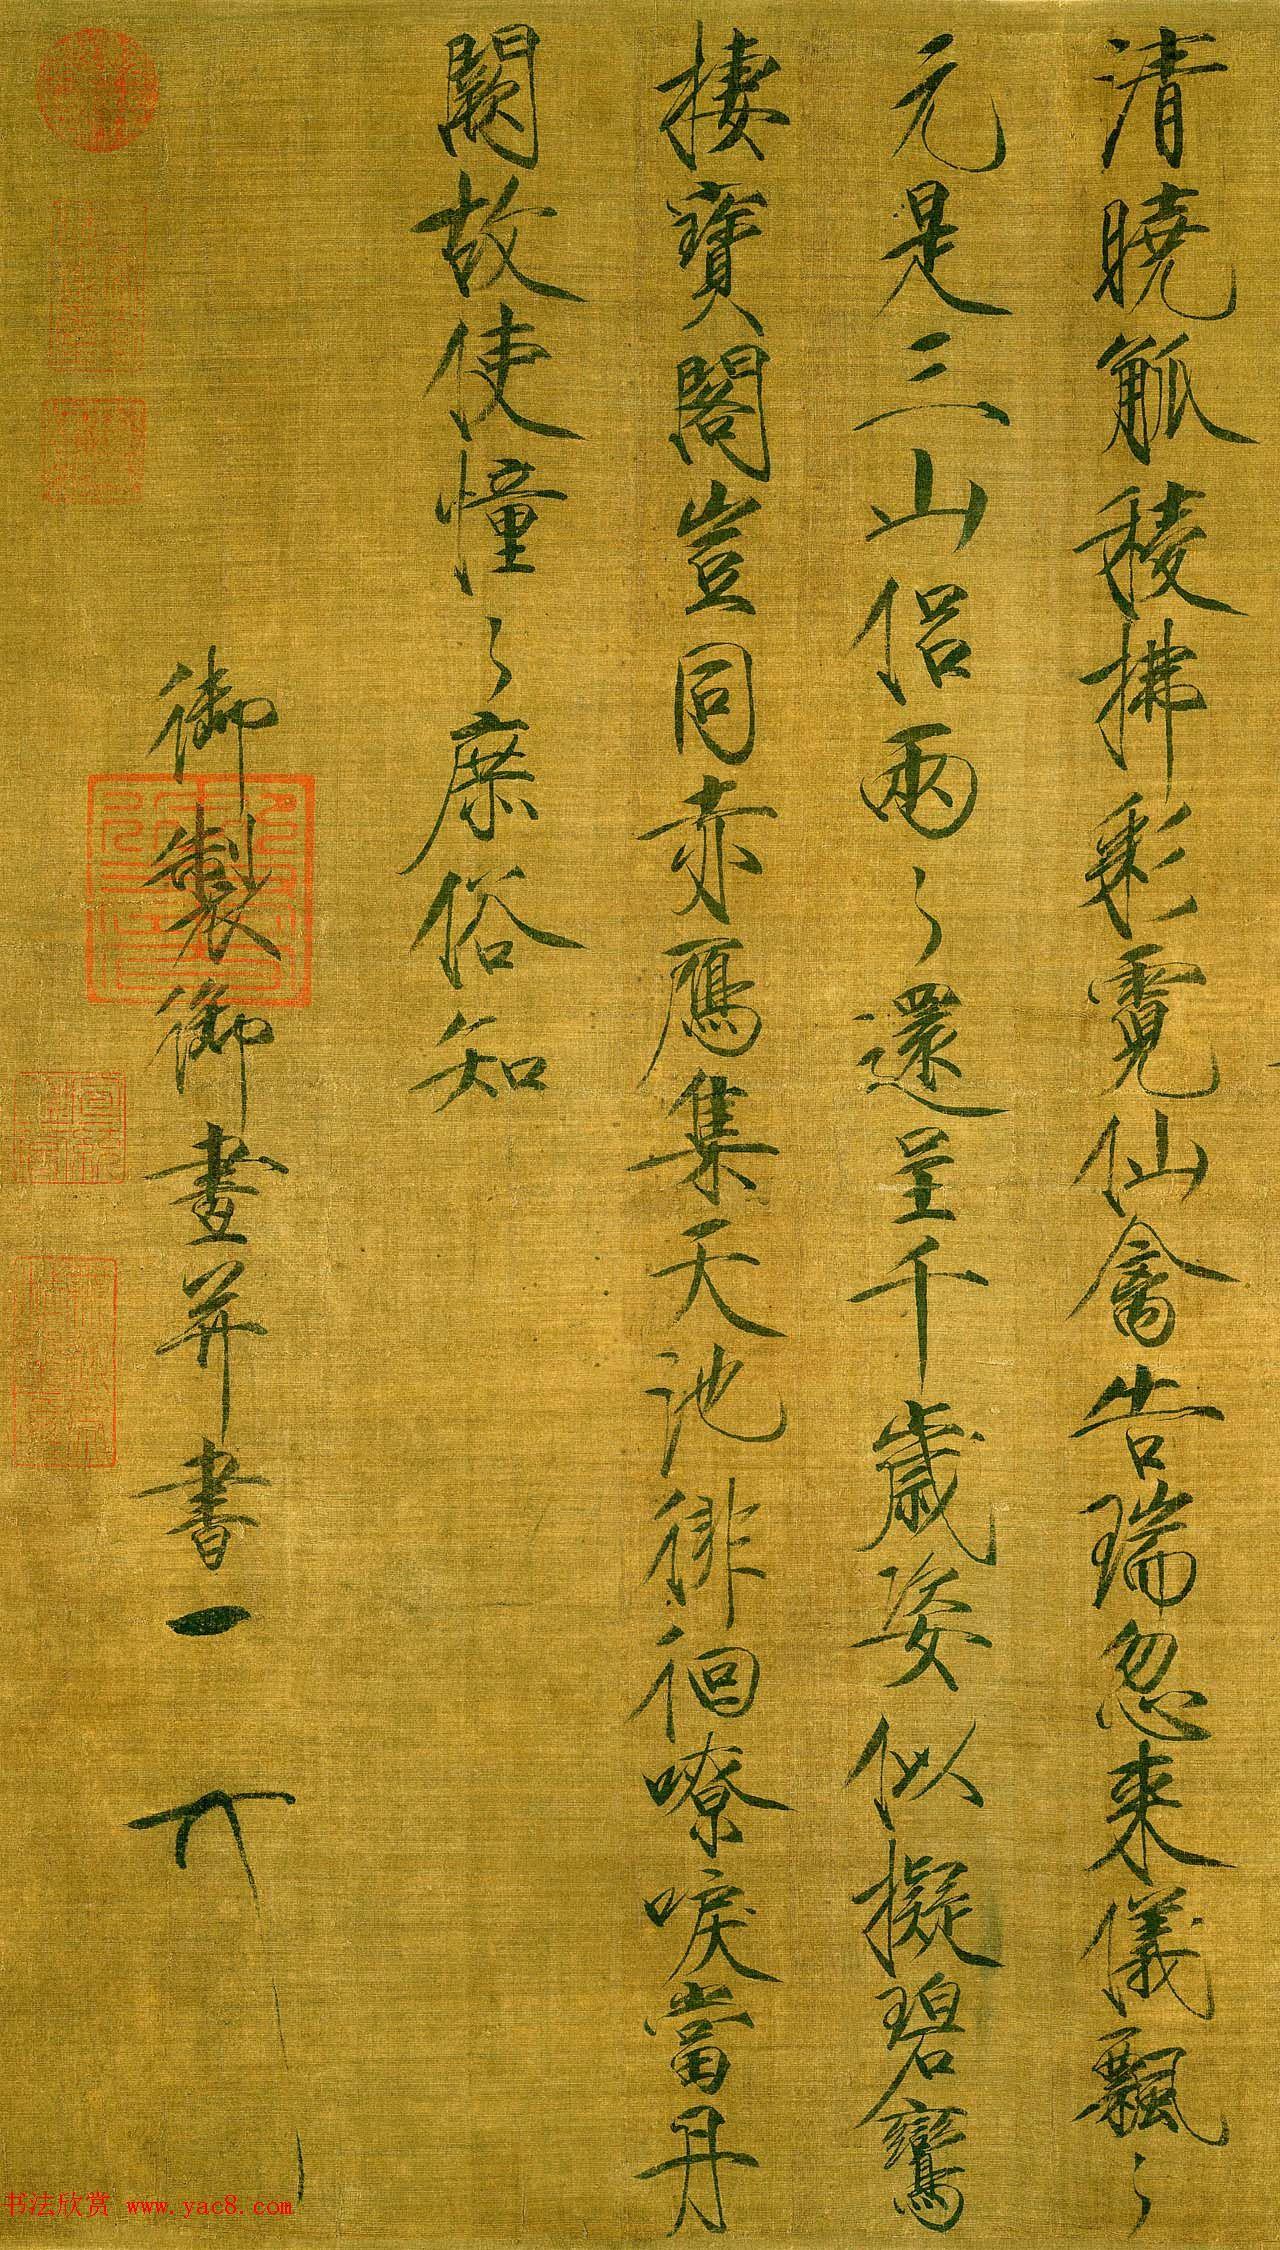 宋徽宗赵佶书法字画赏析《瑞鹤图》